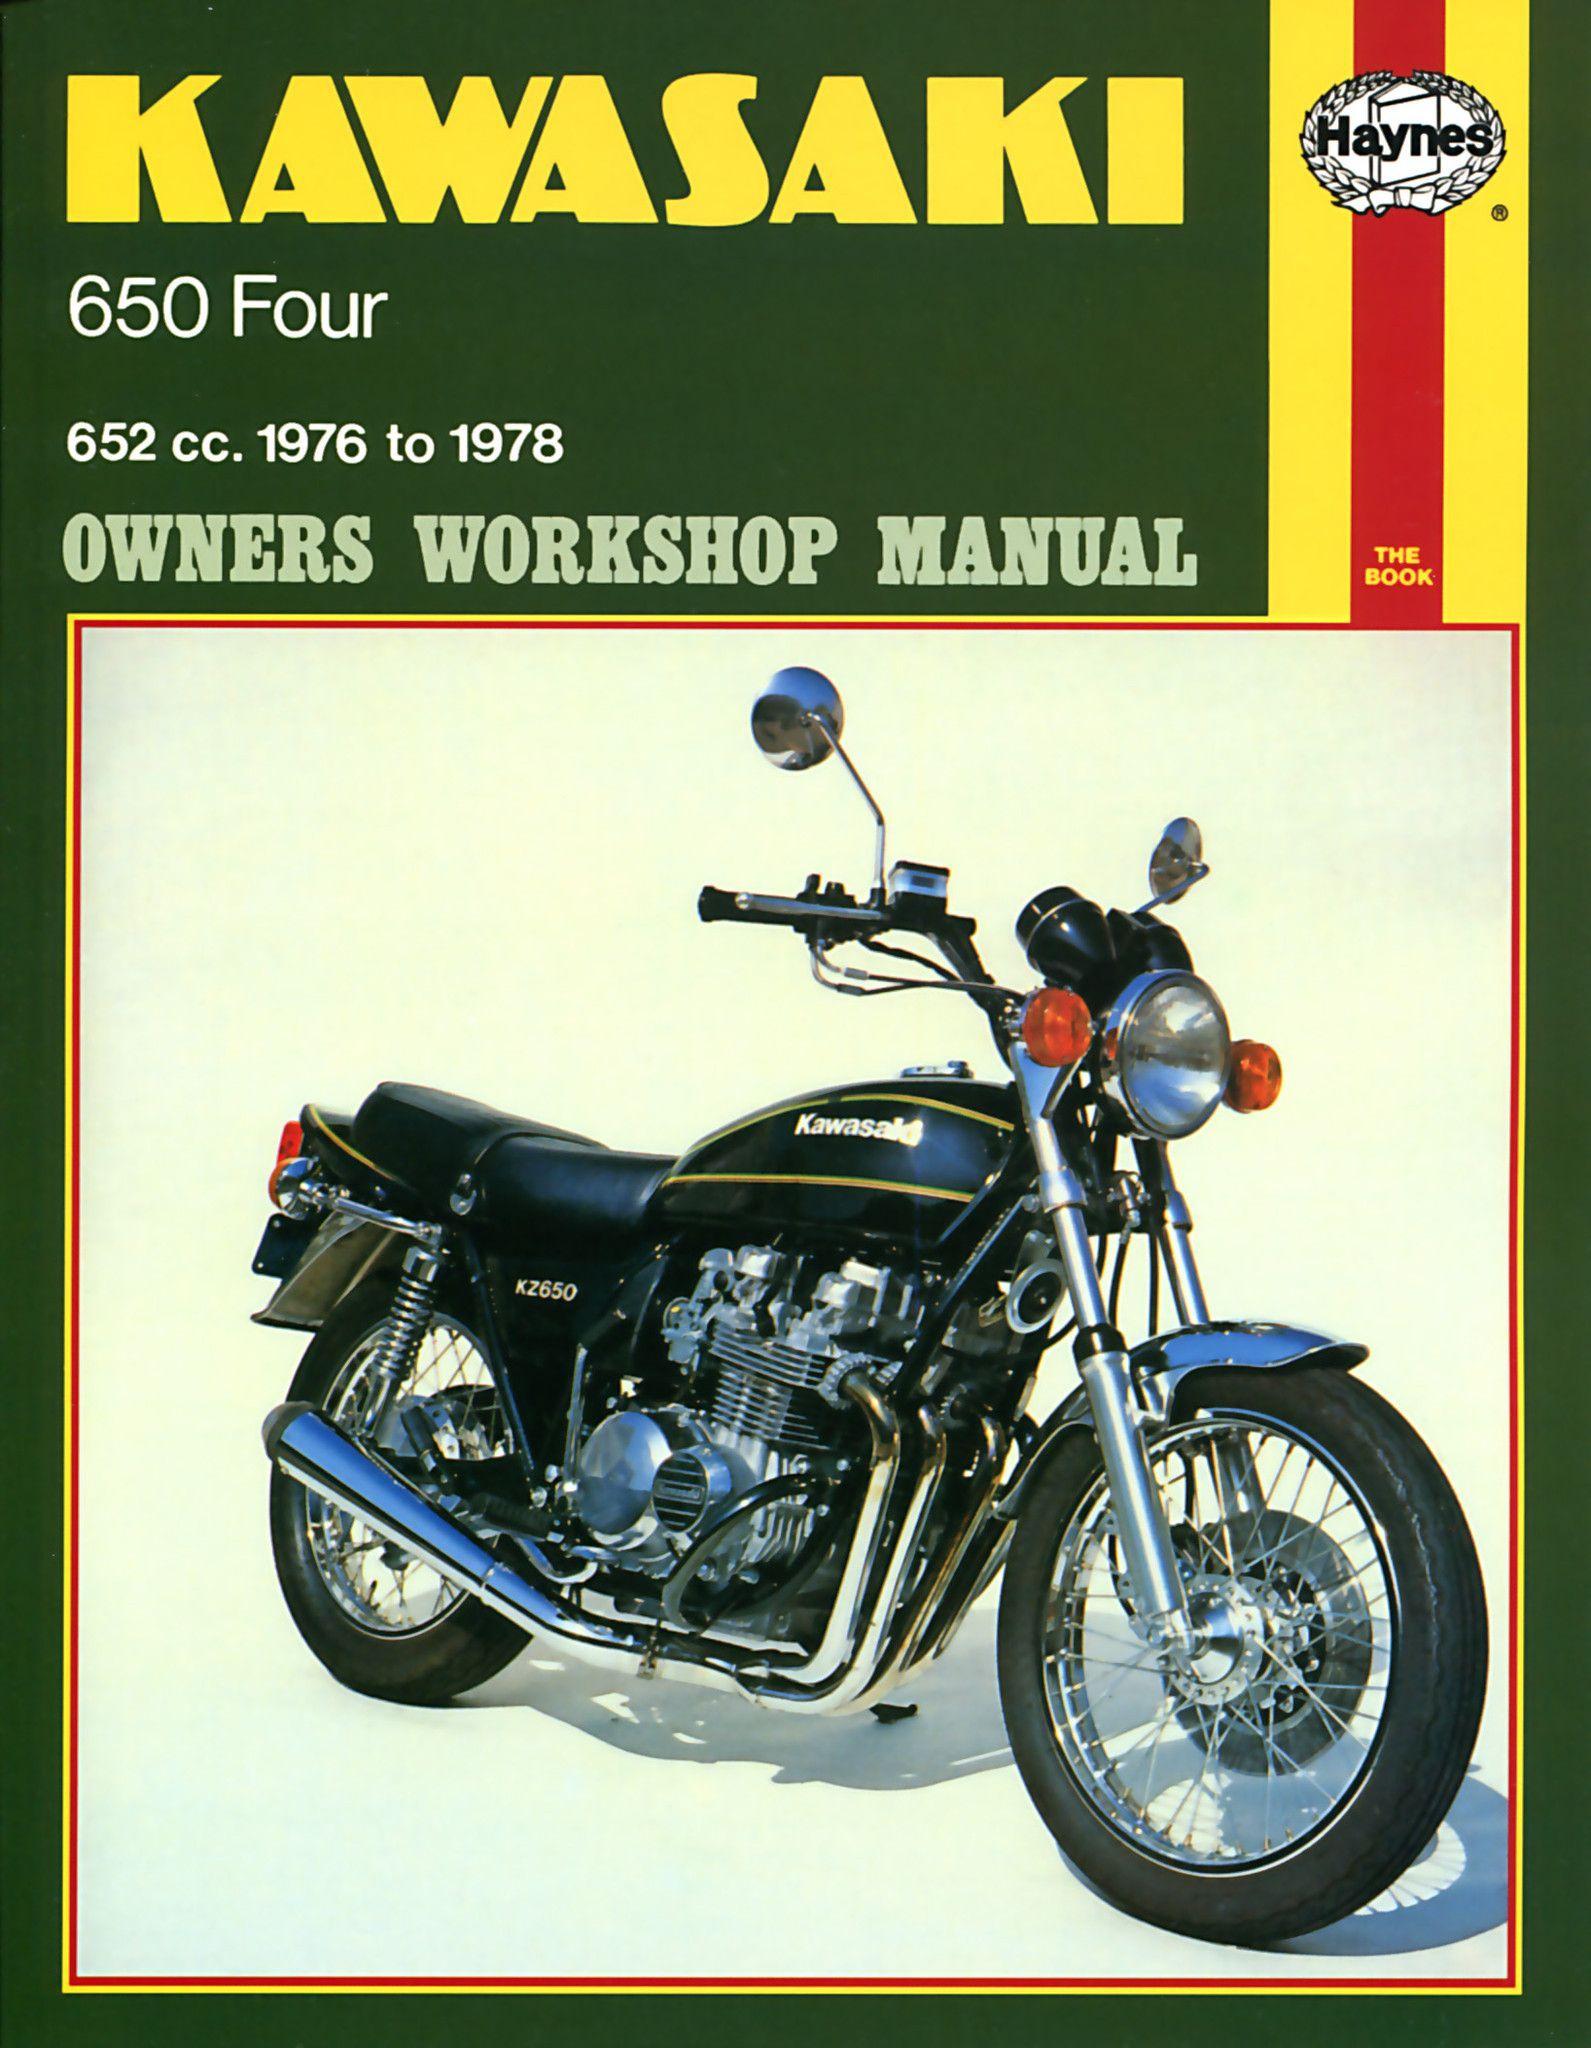 Haynes M373 Repair Manual for 1976-78 Kawasaki 650 Fours 652cc